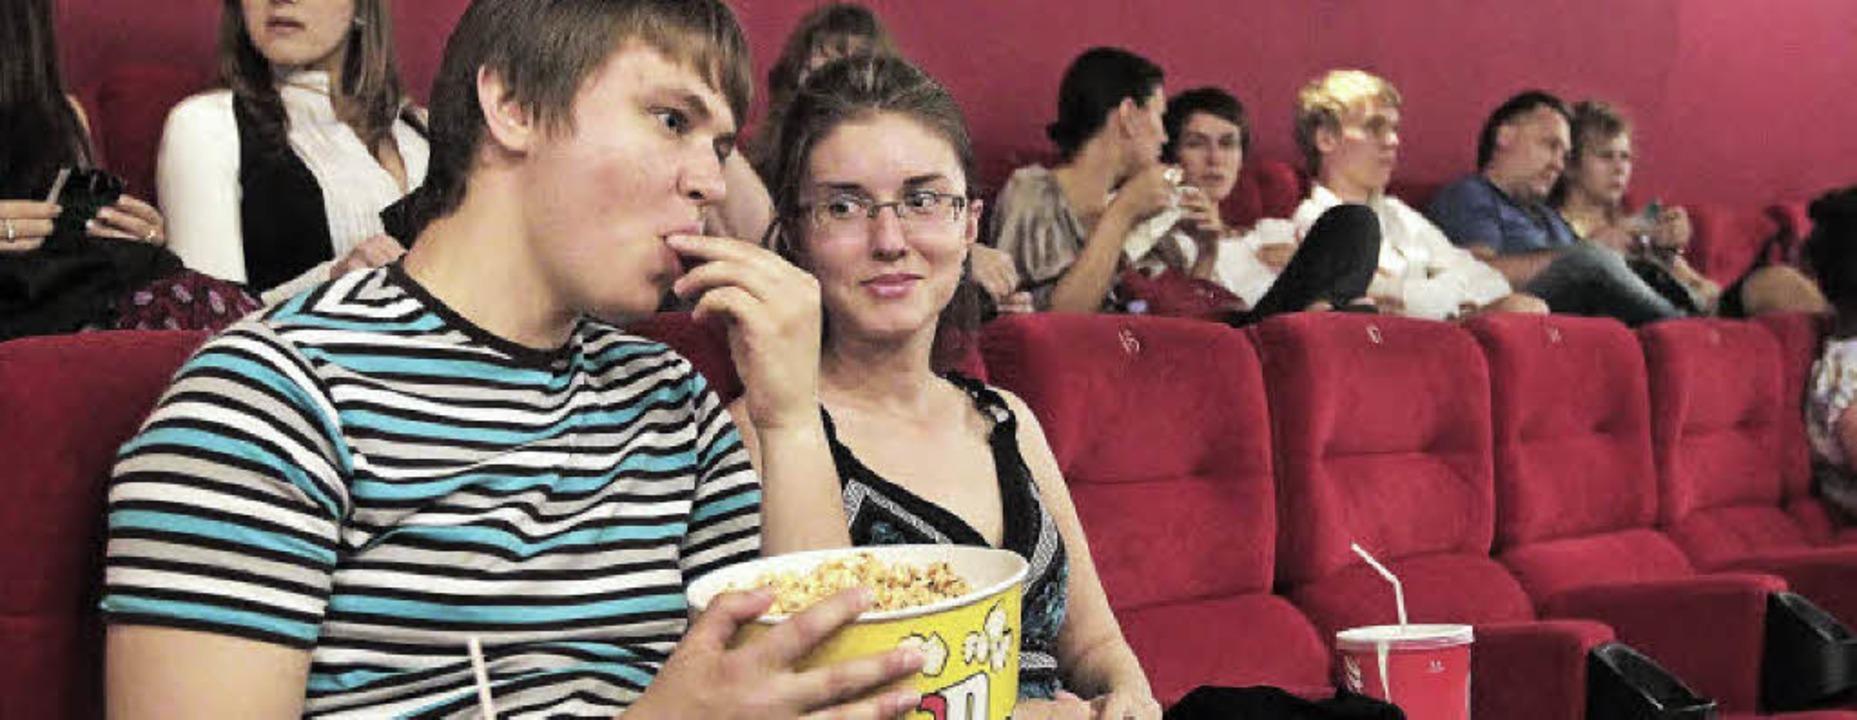 Ins Kino zu gehen ist ein Gemeinschaft...recht von den Albrecht-Kinobetrieben.     Foto: dpa